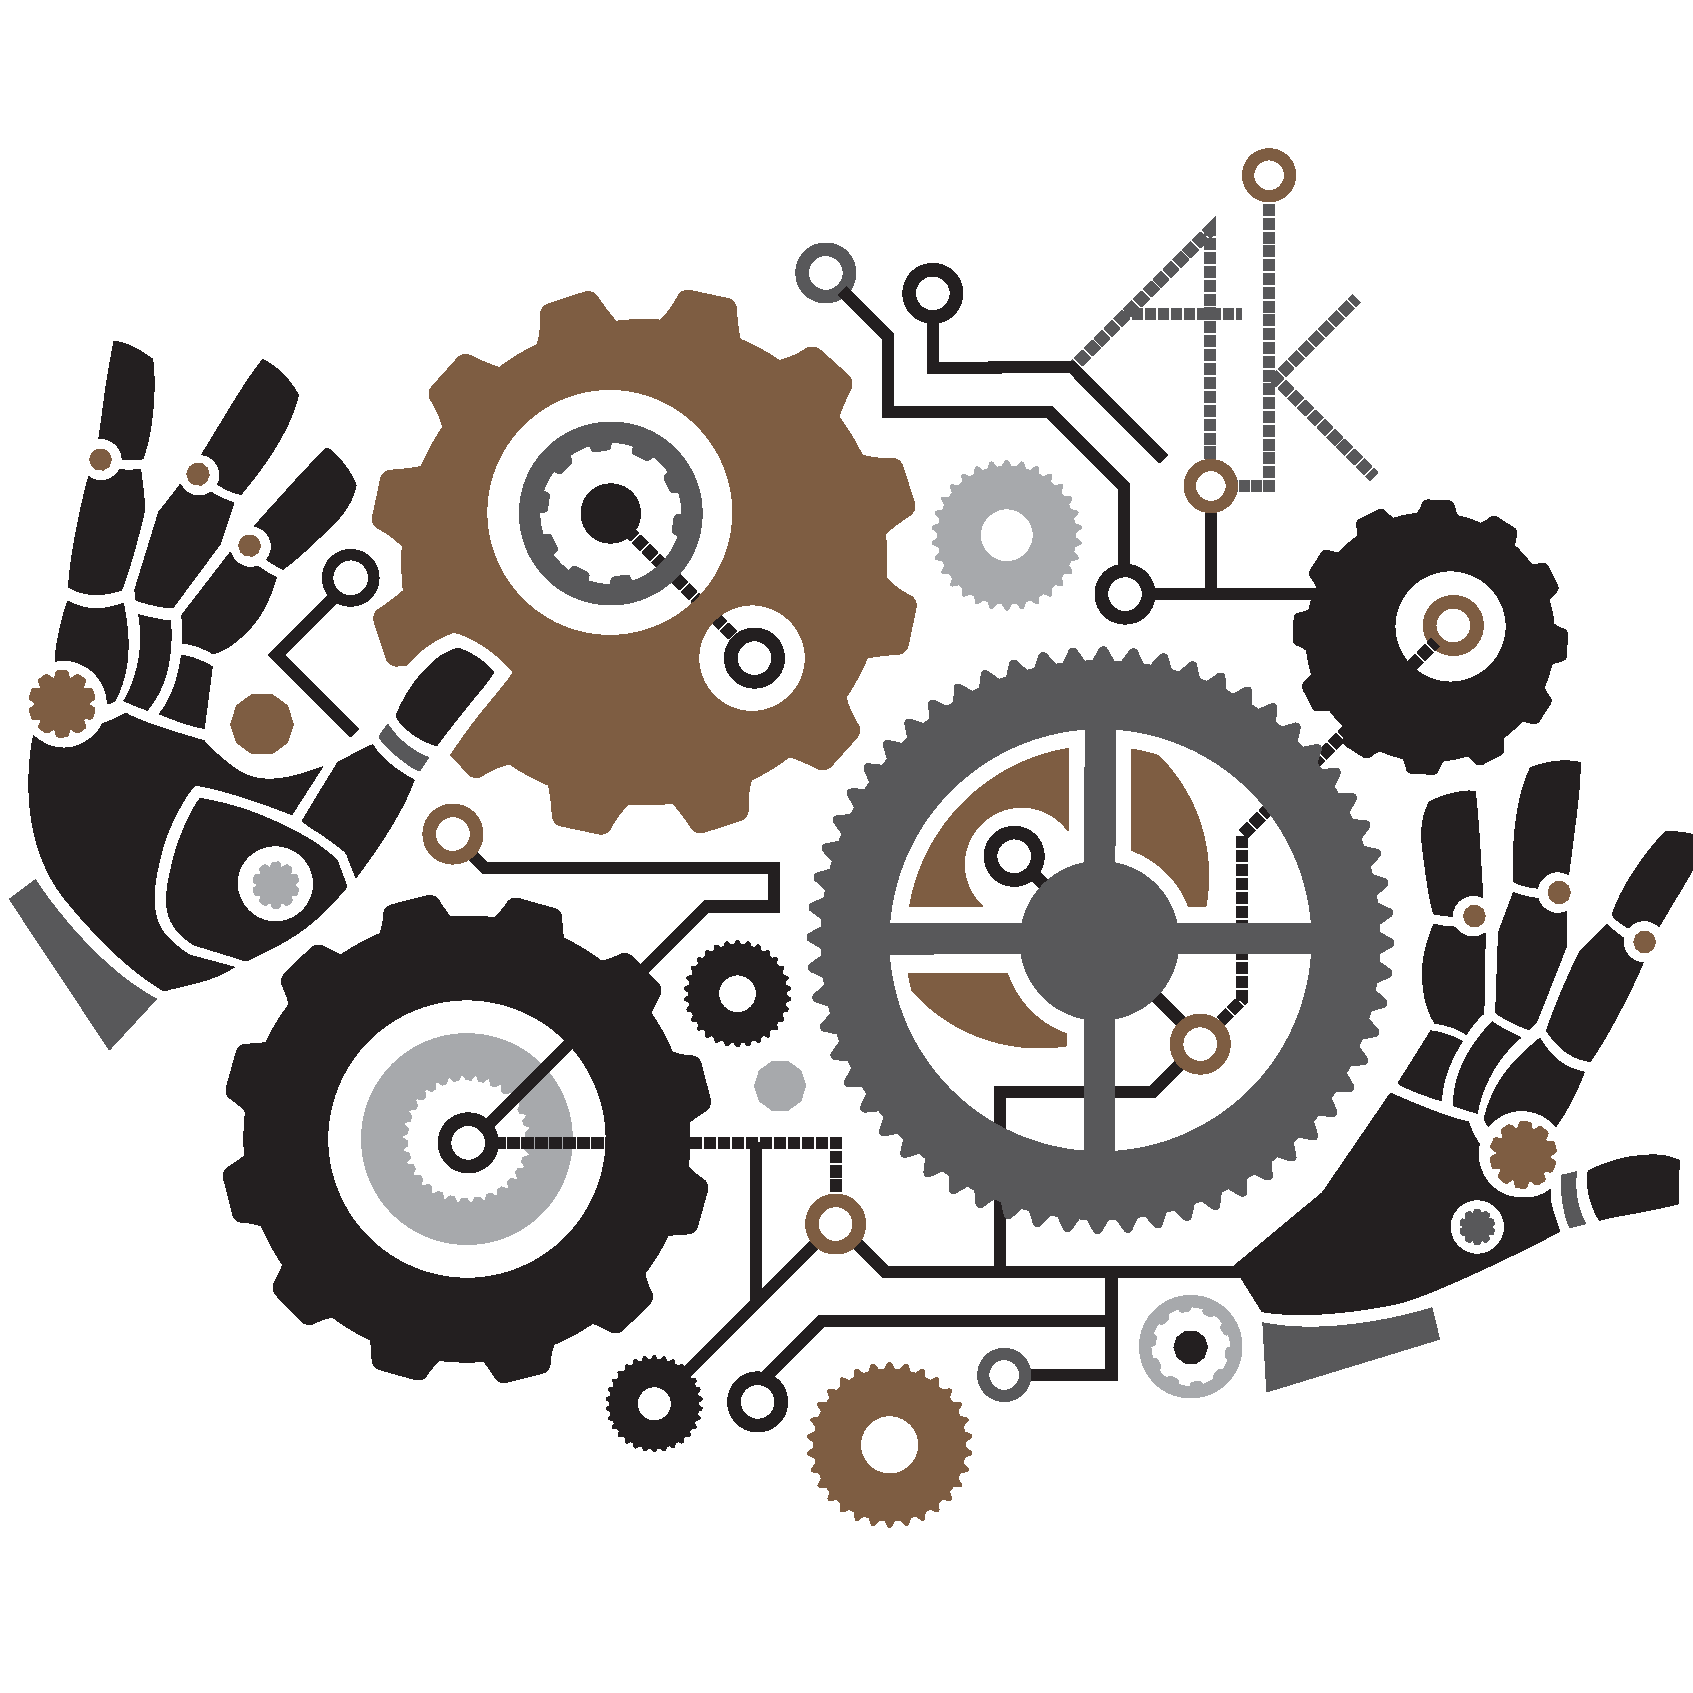 Antikythera Robotics Pty Ltd